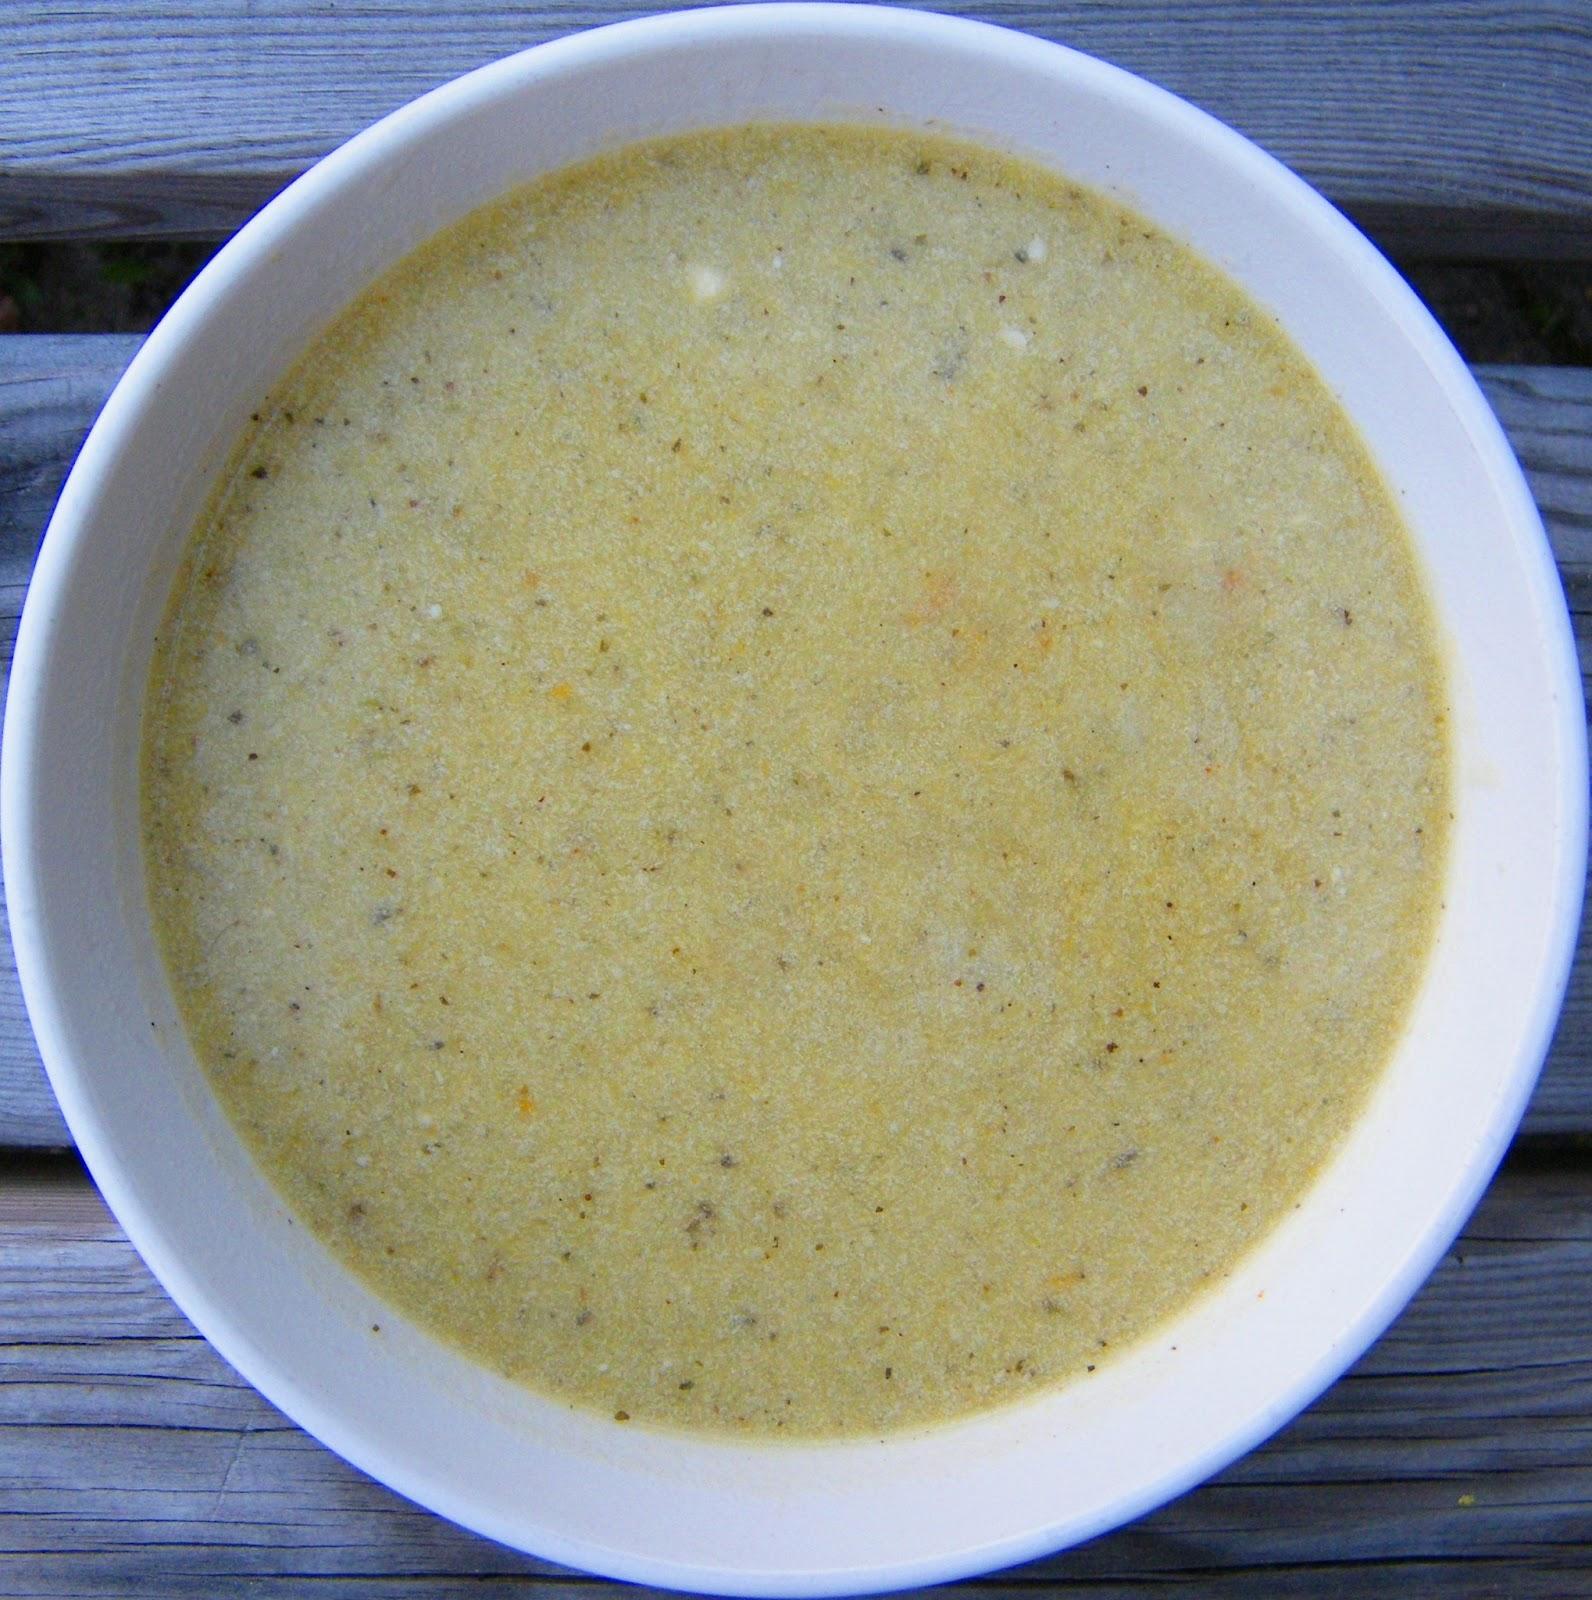 Comer rico y sano: Sopa de leche de coco, puerro y patata - photo#35